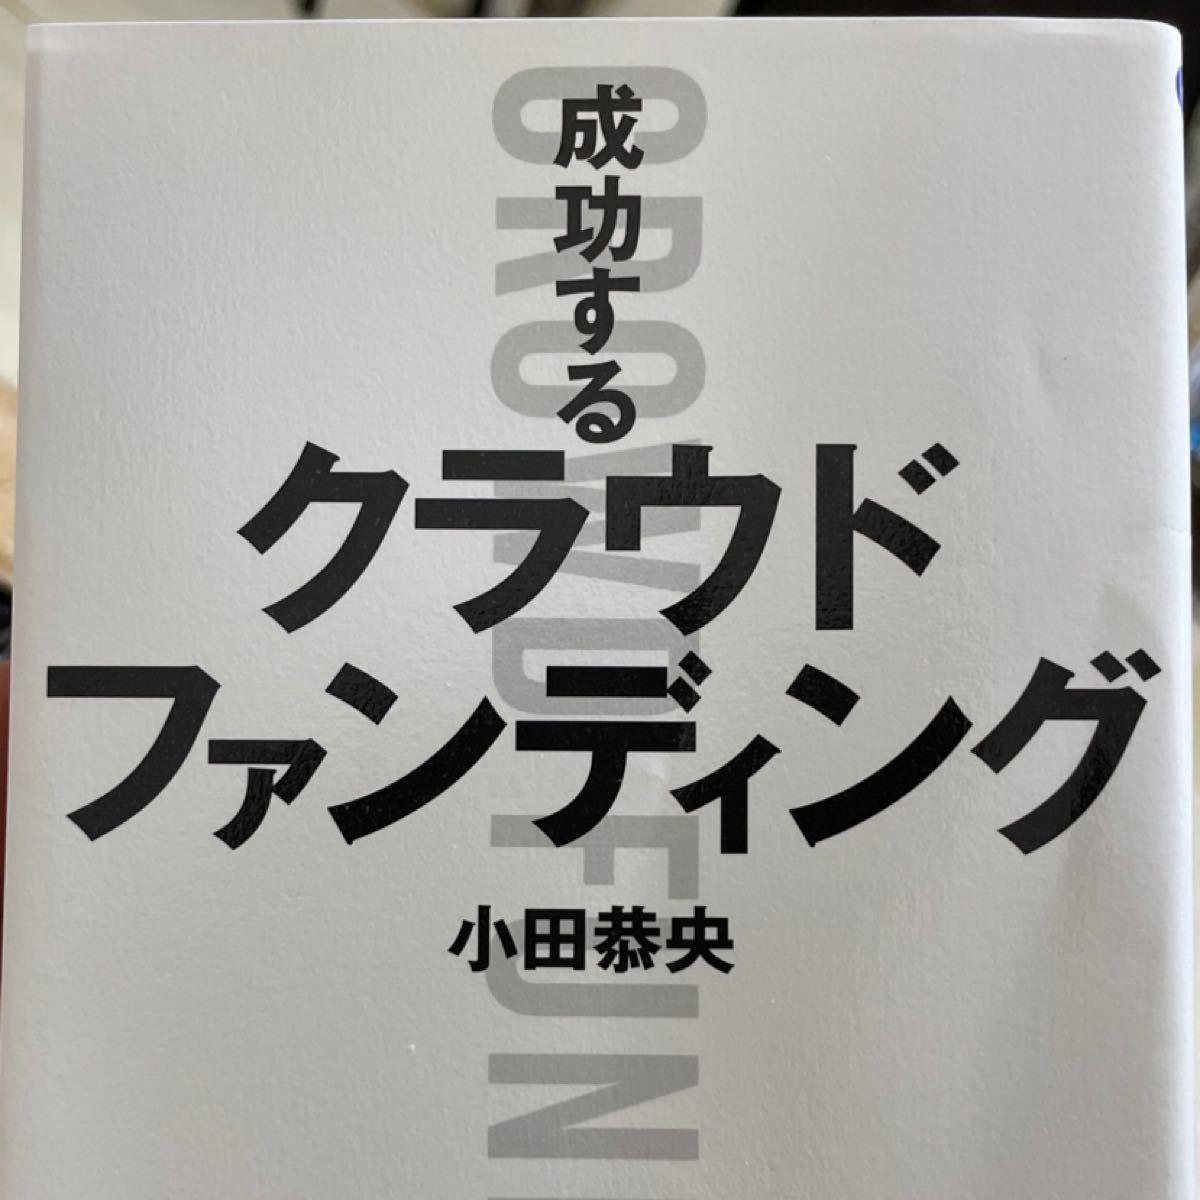 成功するクラウドファンディング/小田恭央